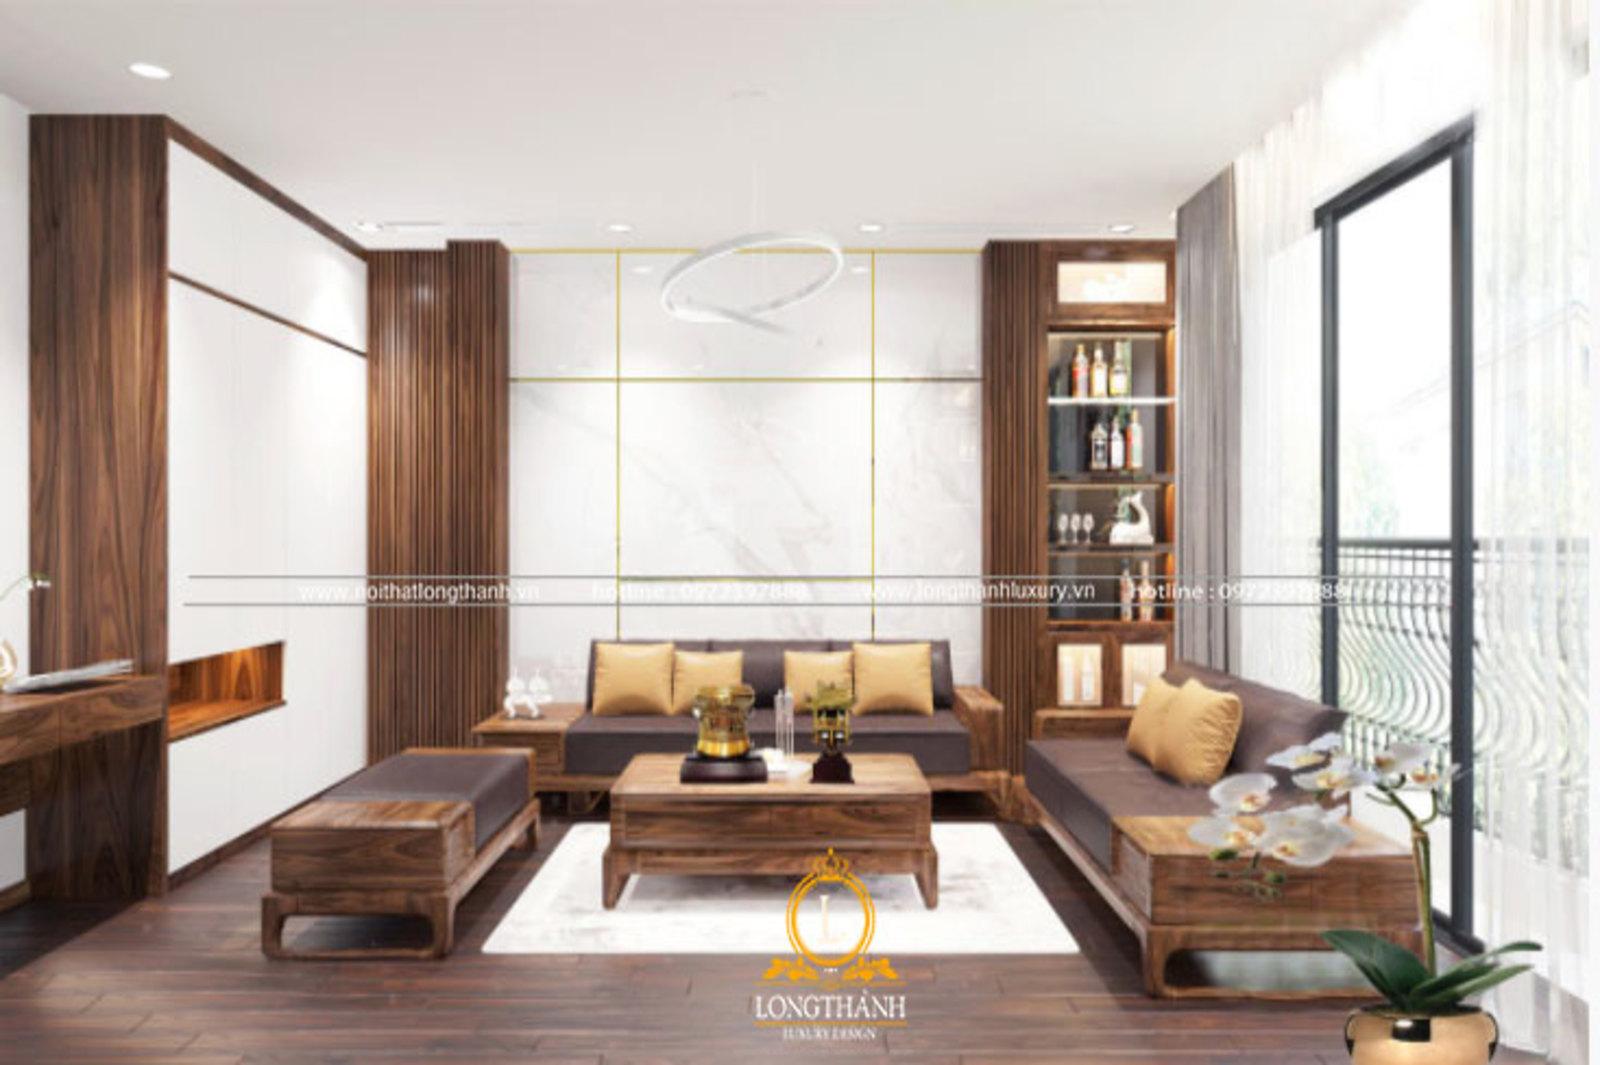 Phòng khách đẹp cho căn phòng chung cư hiện đại